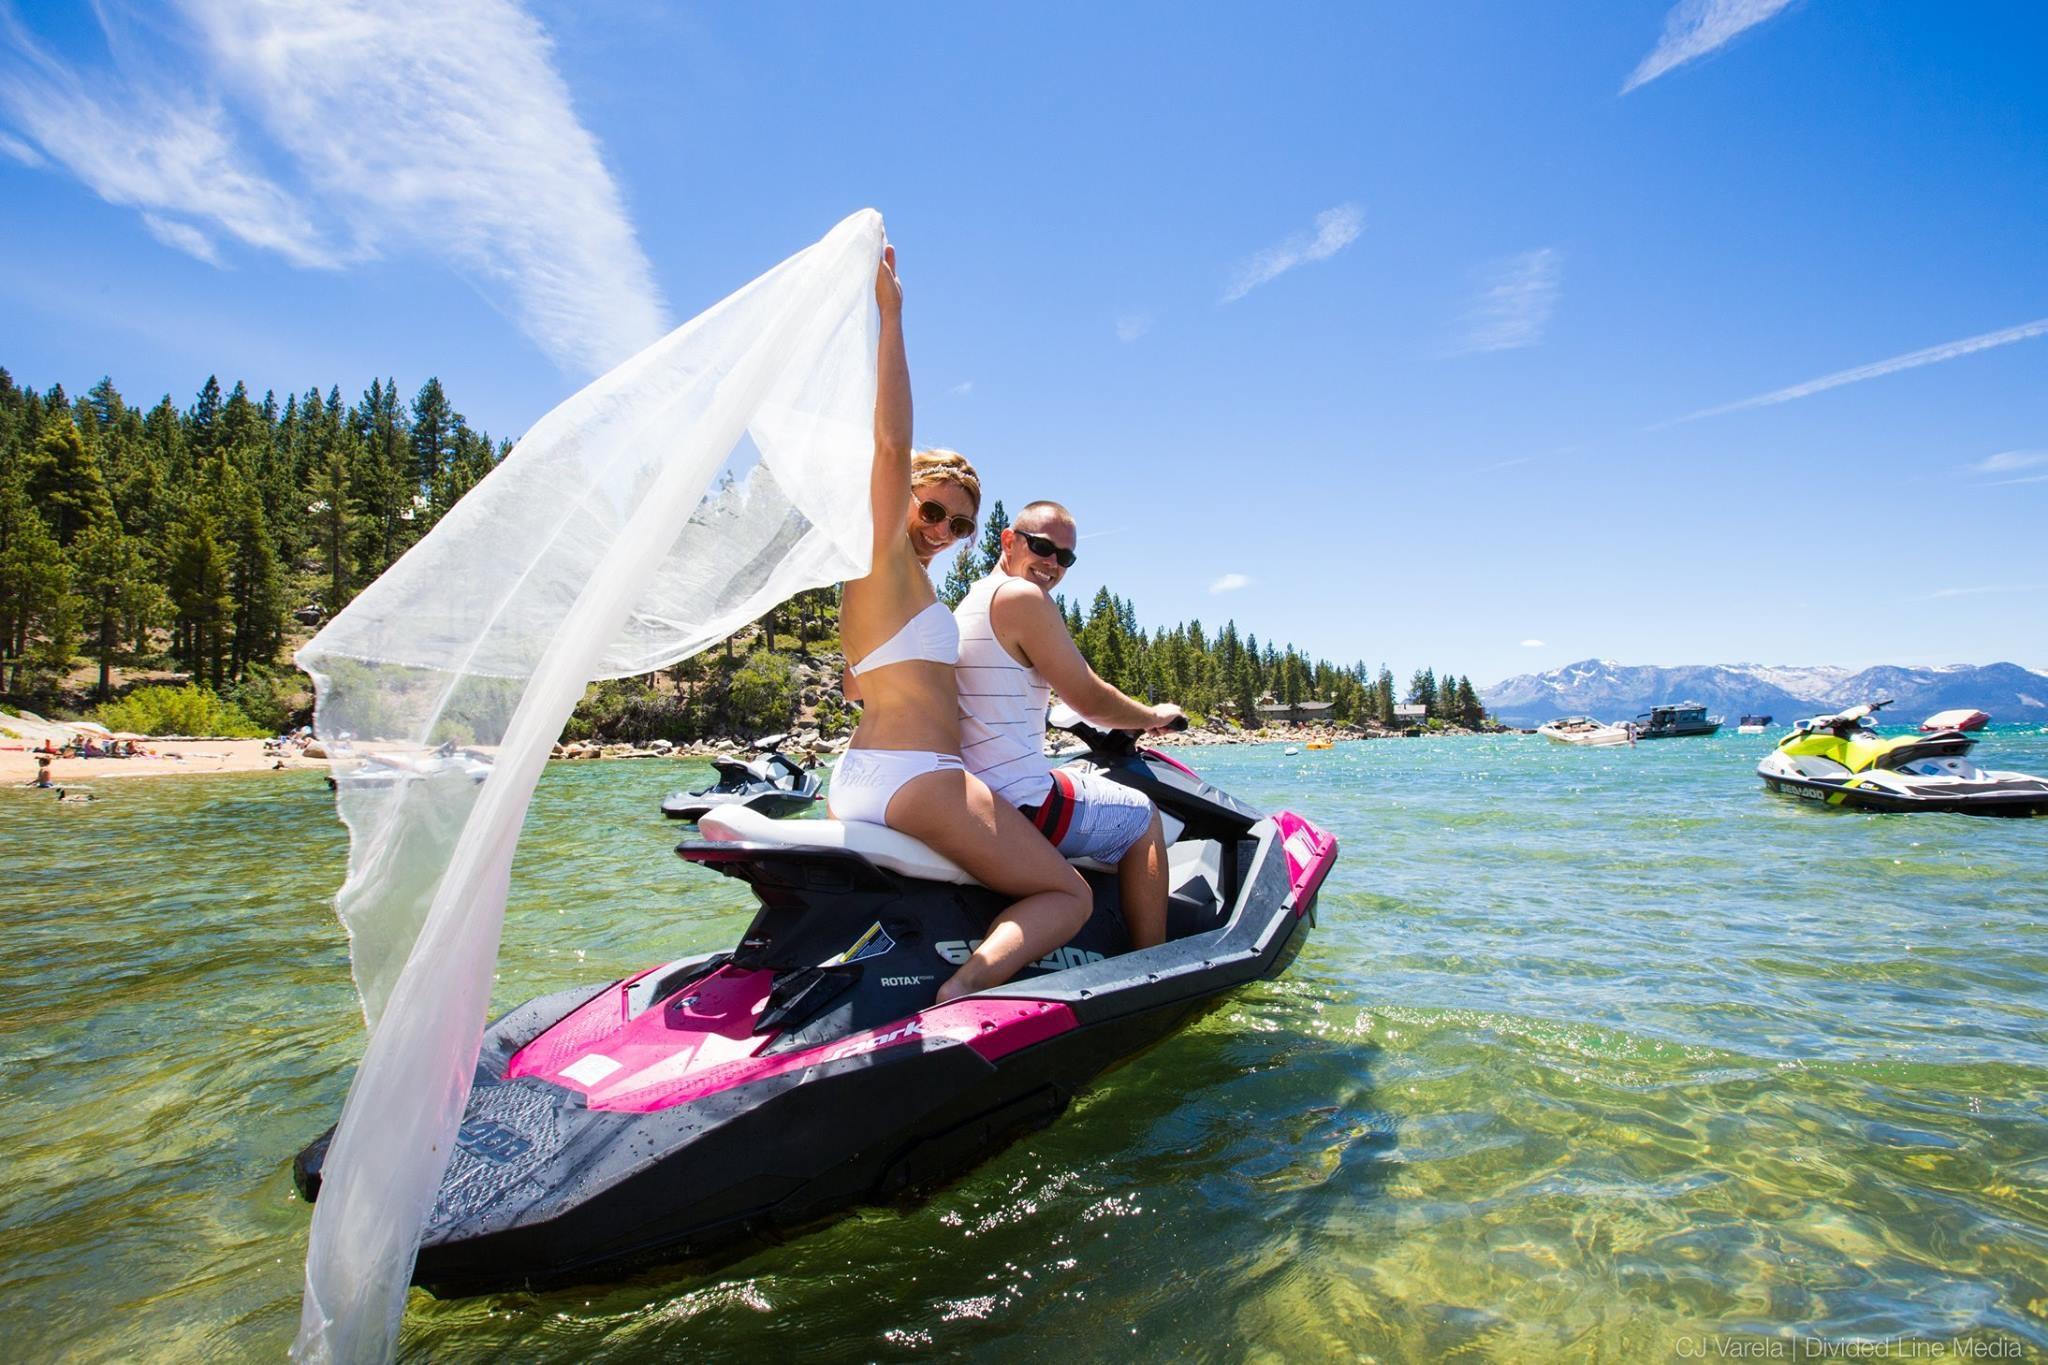 Erin-and-Andy-Jet-Ski-Fun.jpg